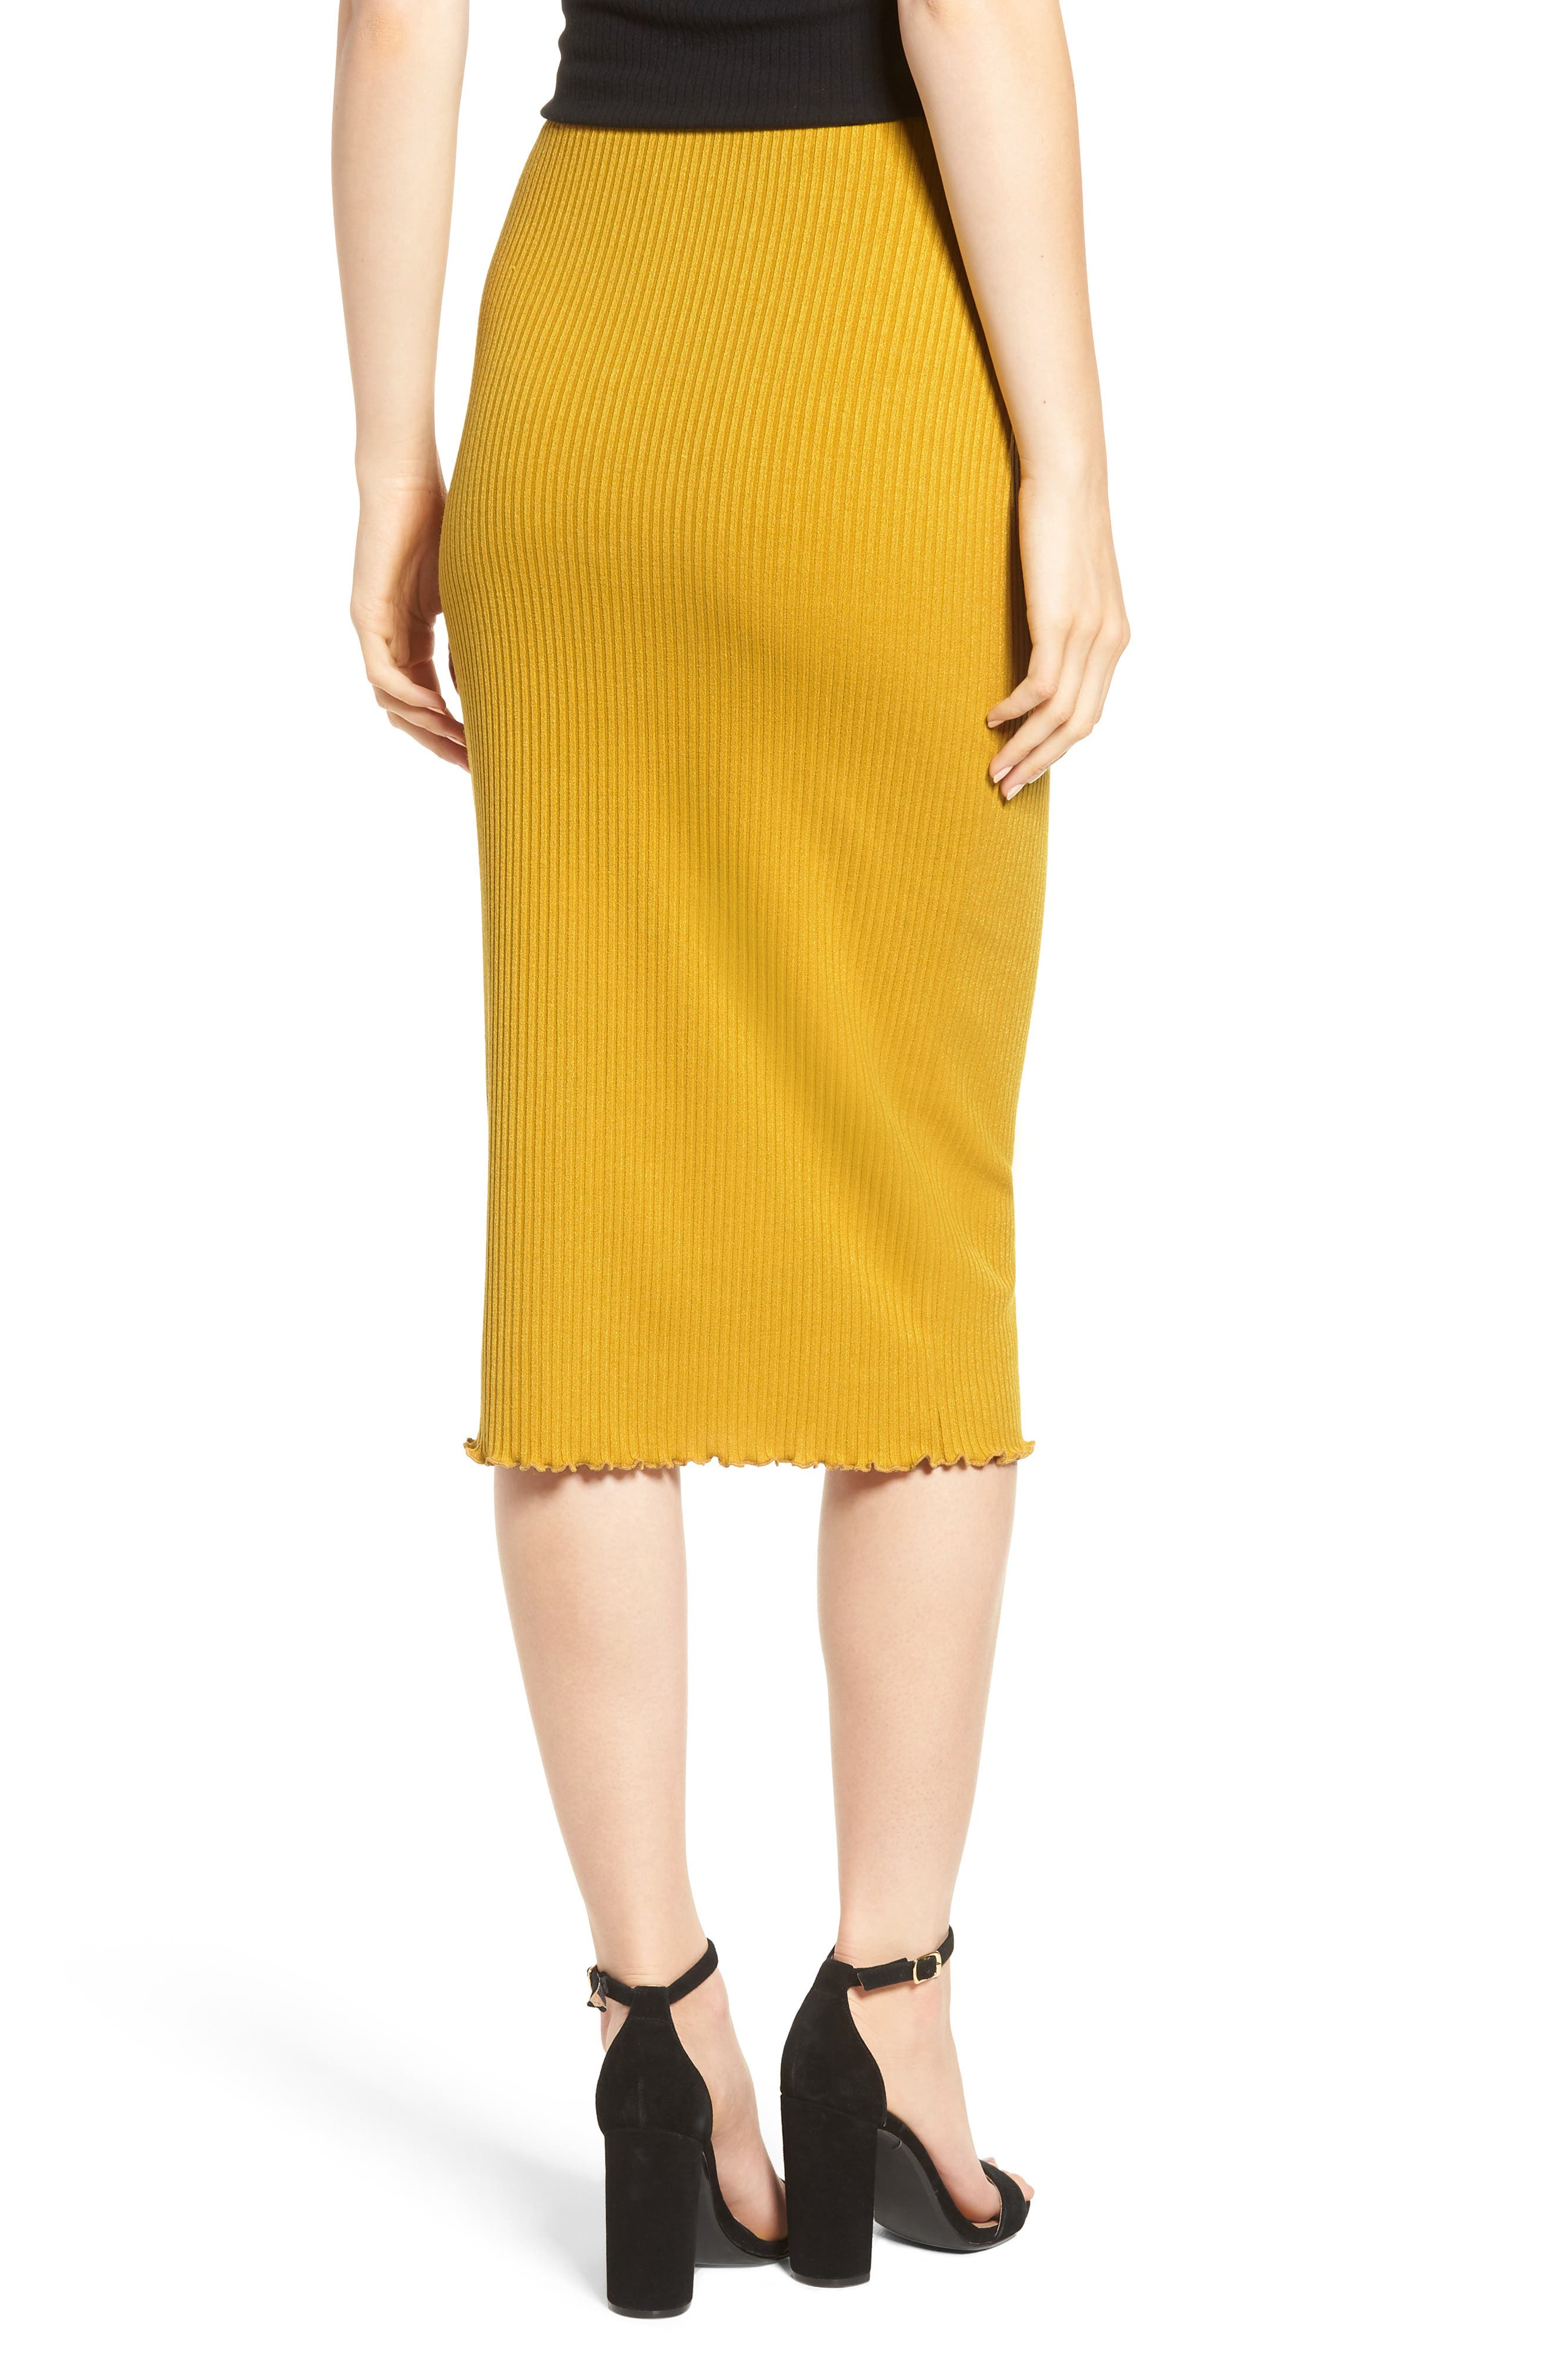 Rib Knit Pencil Skirt,                             Alternate thumbnail 2, color,                             700